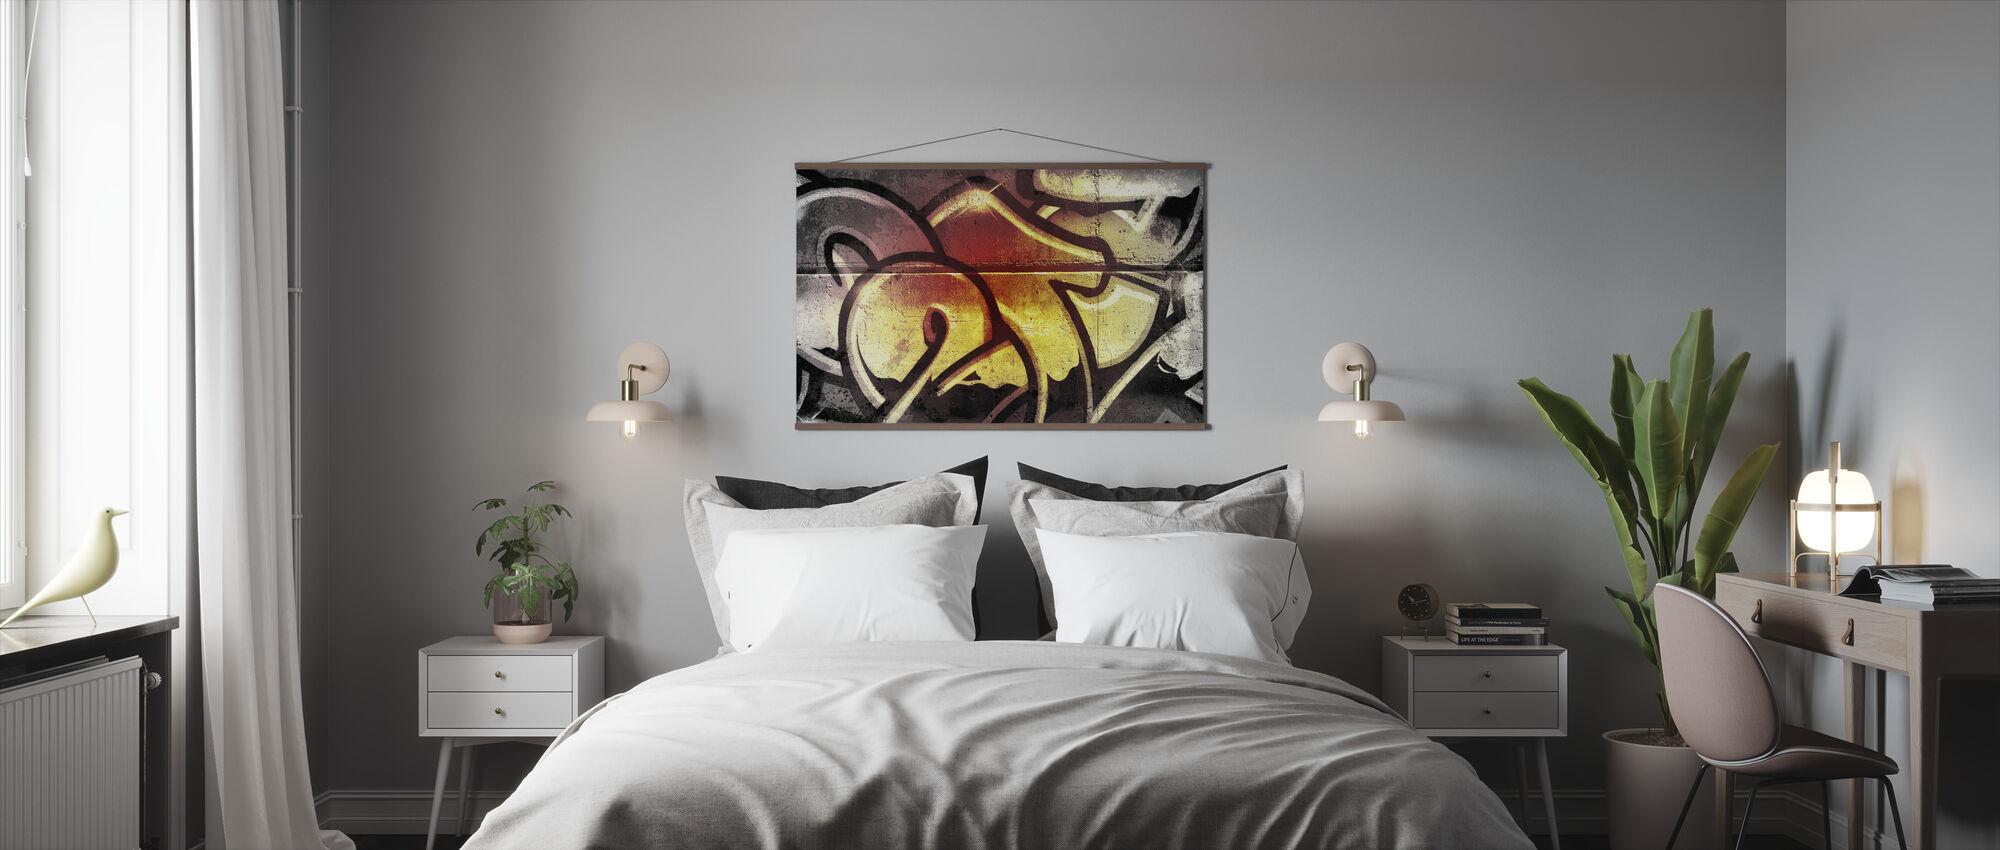 Gouden Graffiti - Poster - Slaapkamer